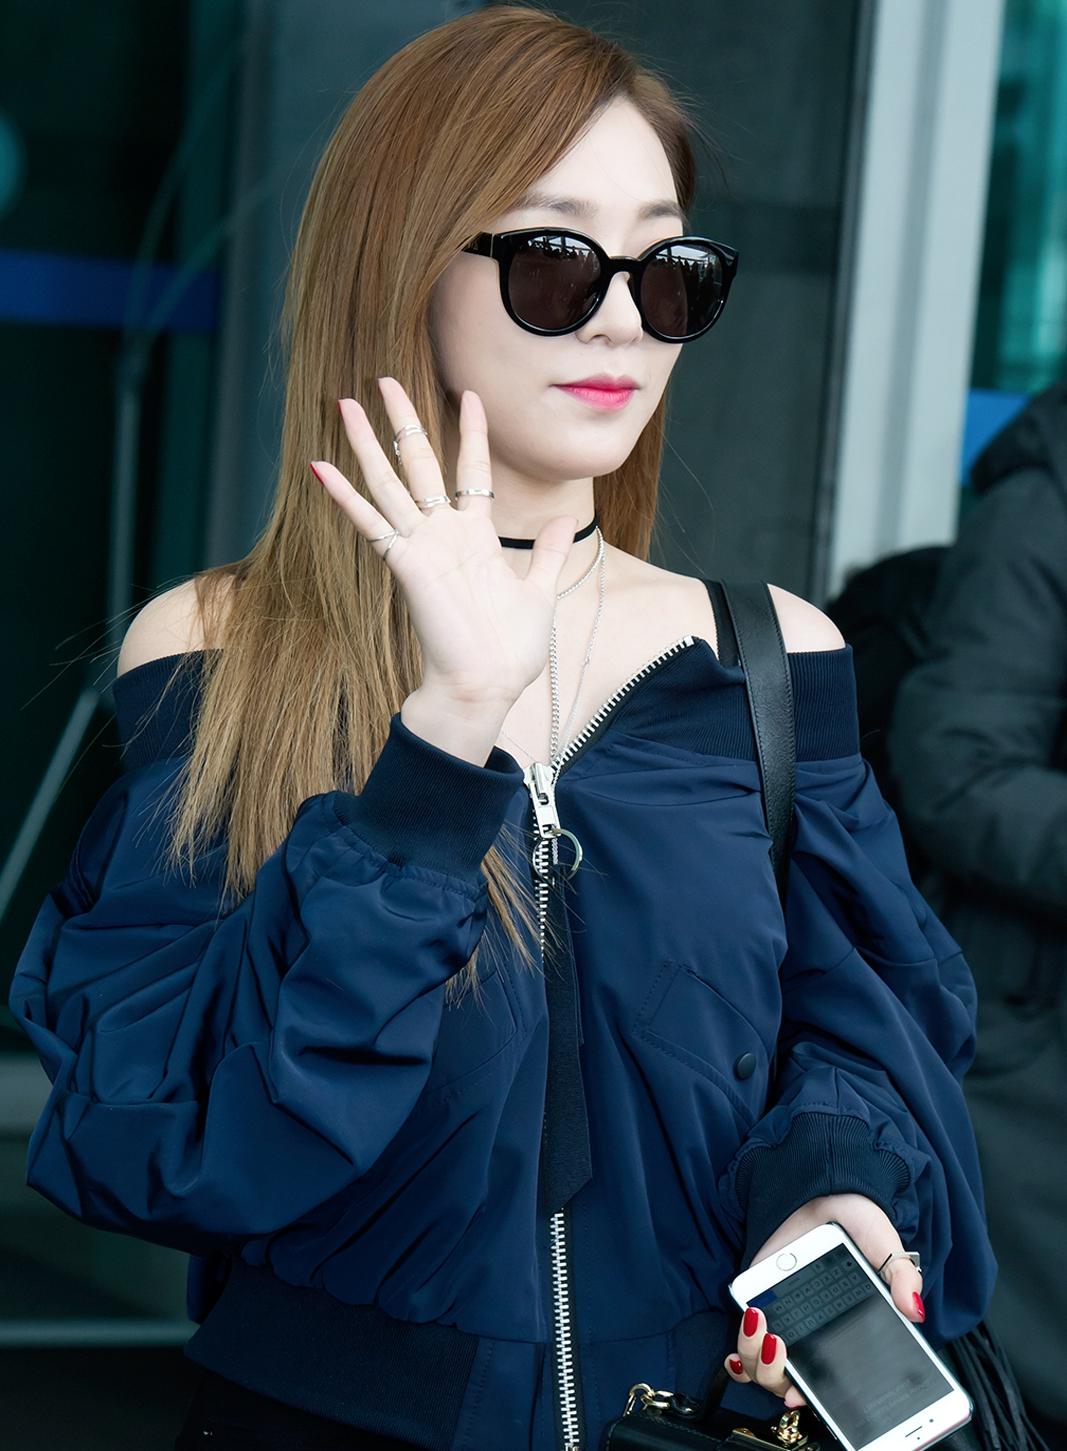 少時Tiffany首先以帥氣的露肩上衣展露了微性感卻又個性十足的風格!結合冬季流行過的飛行外套材質,露出白皙的肩膀,想電暈多少人~